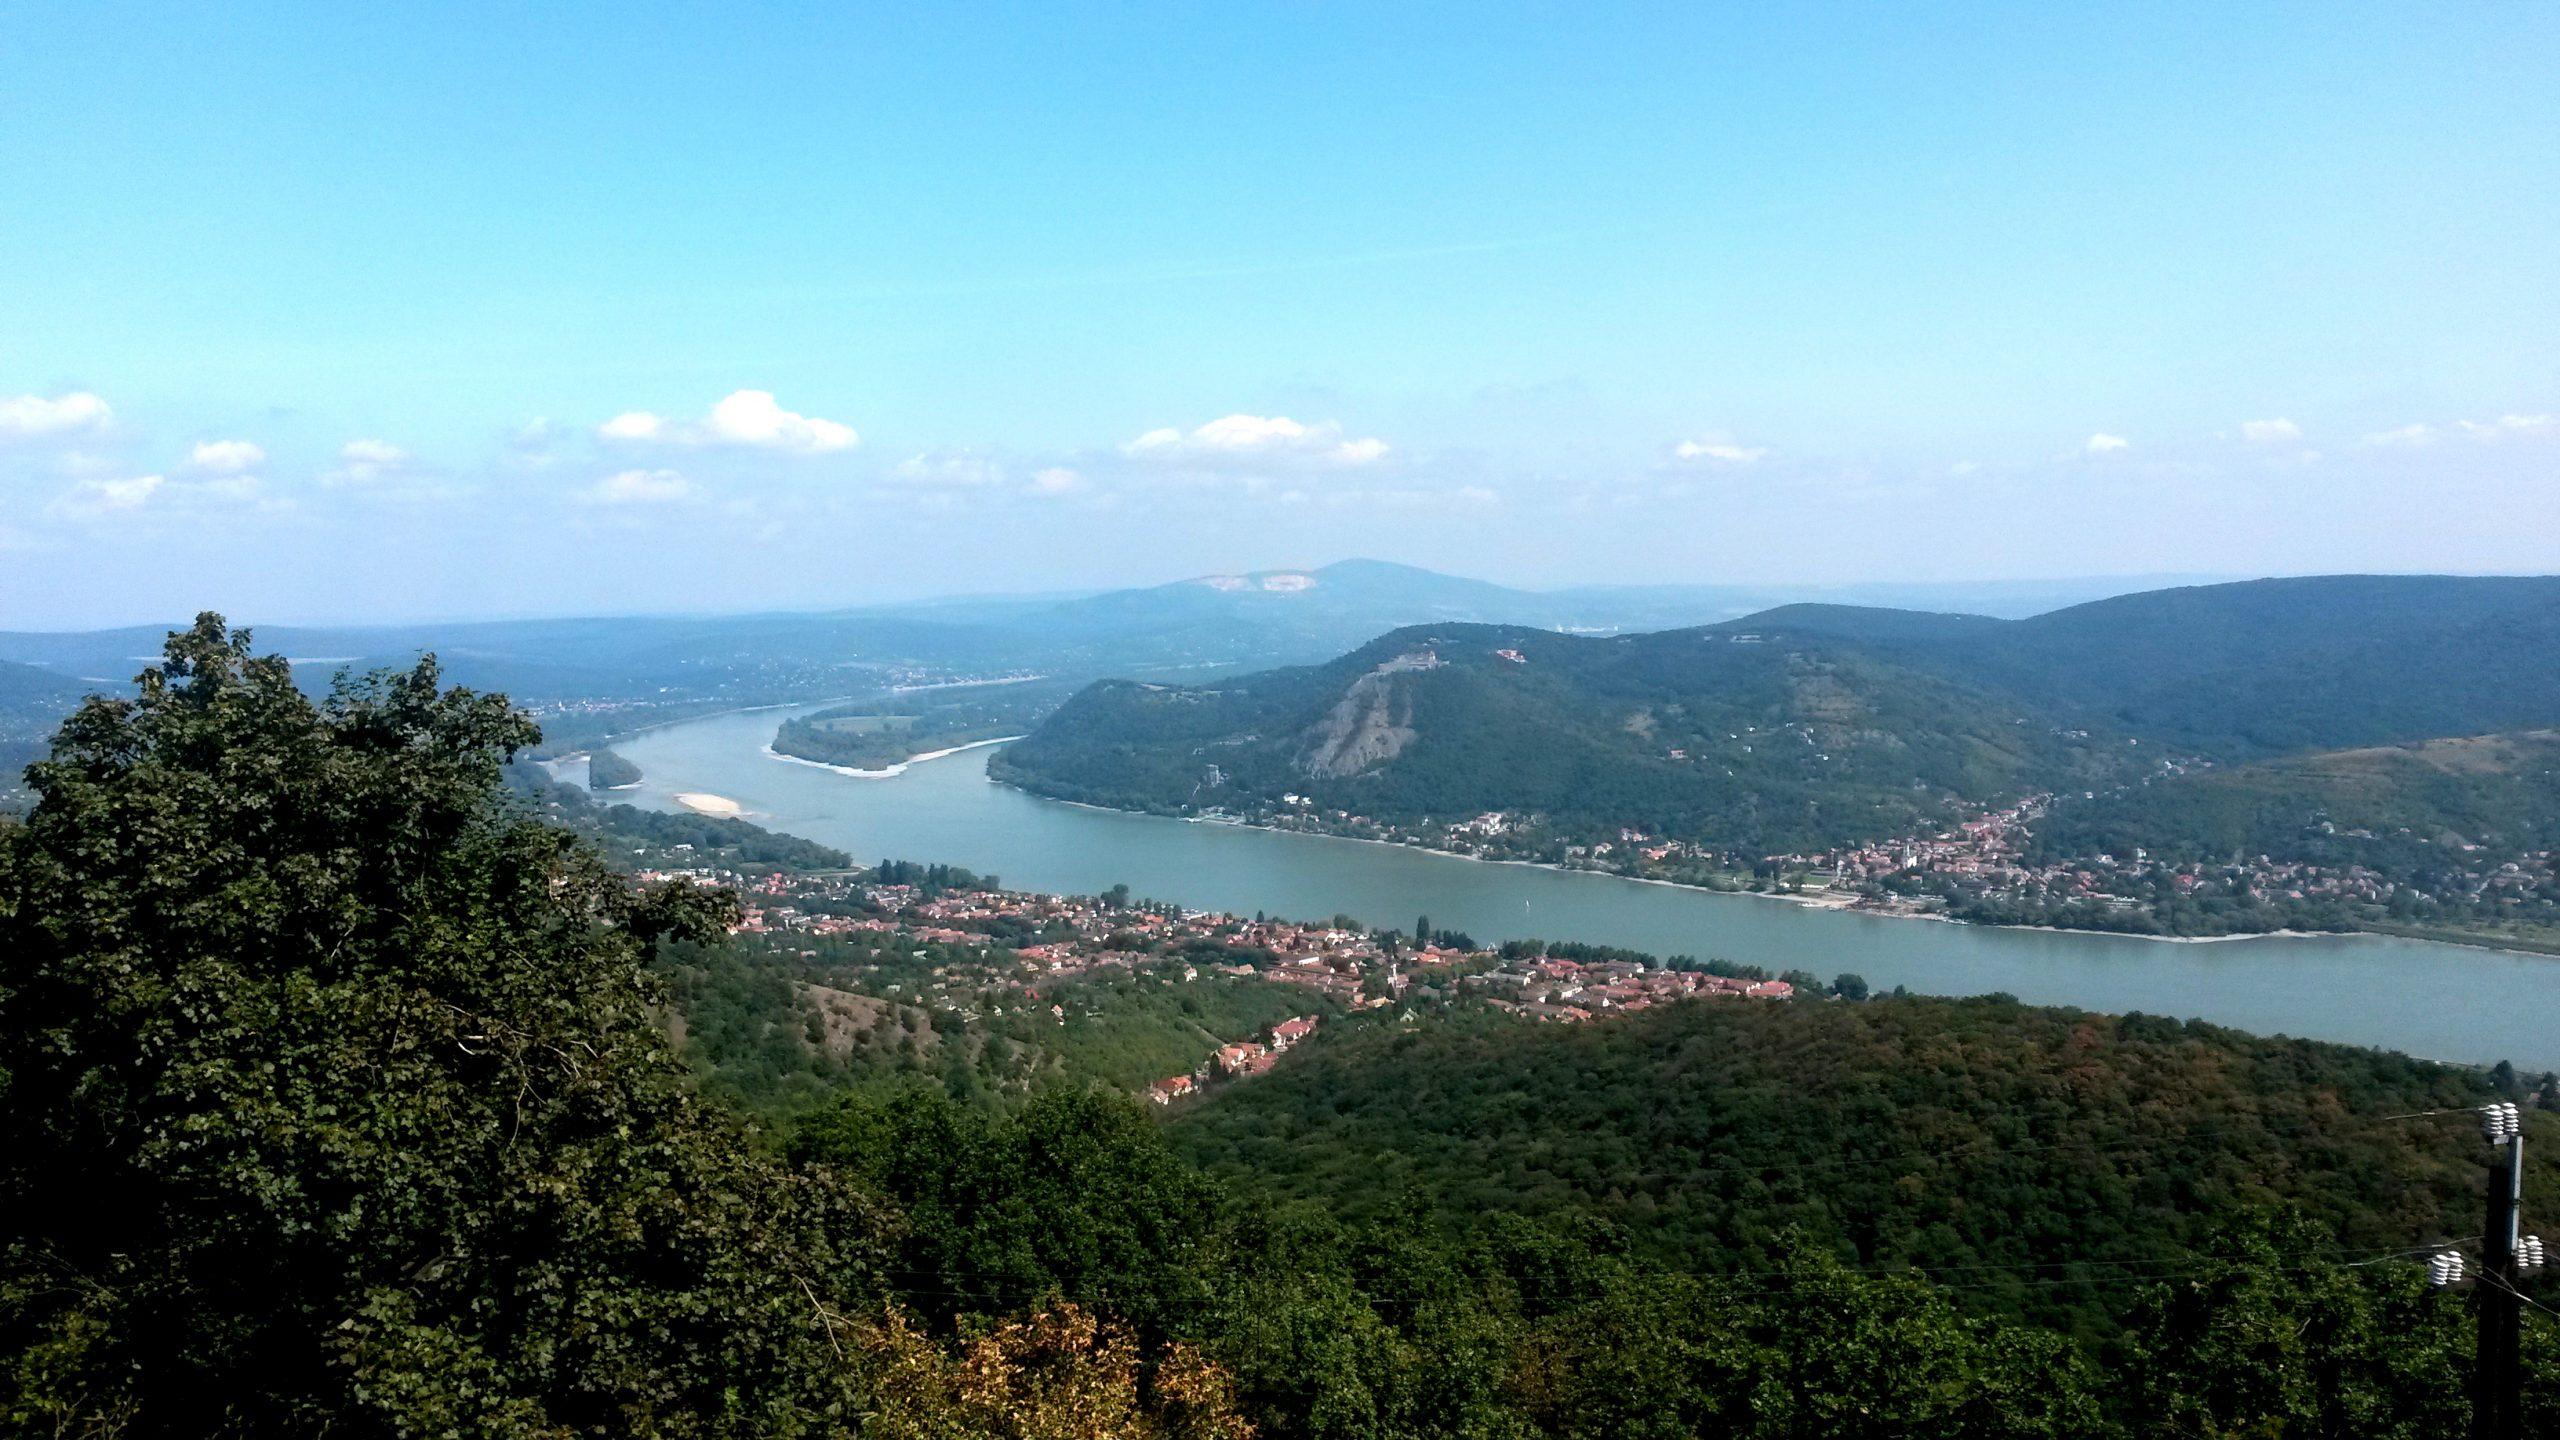 Danube Bend view